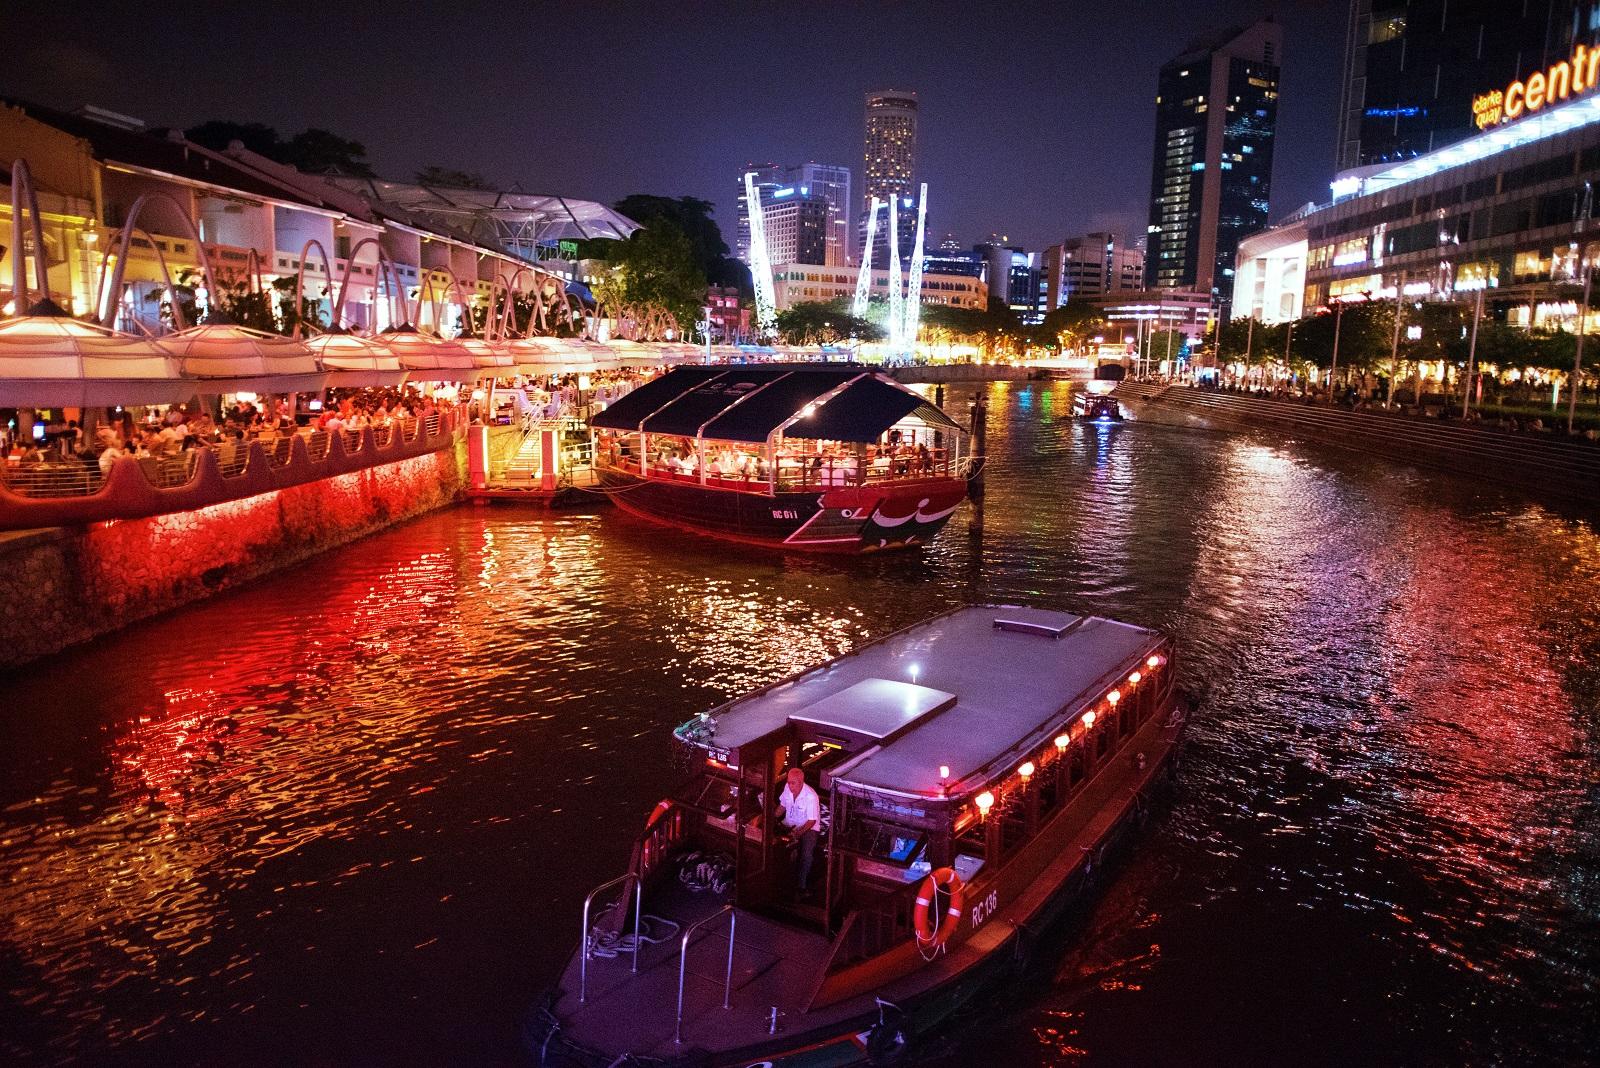 مرکز جشن های سنگاپور CLARKE QUAY